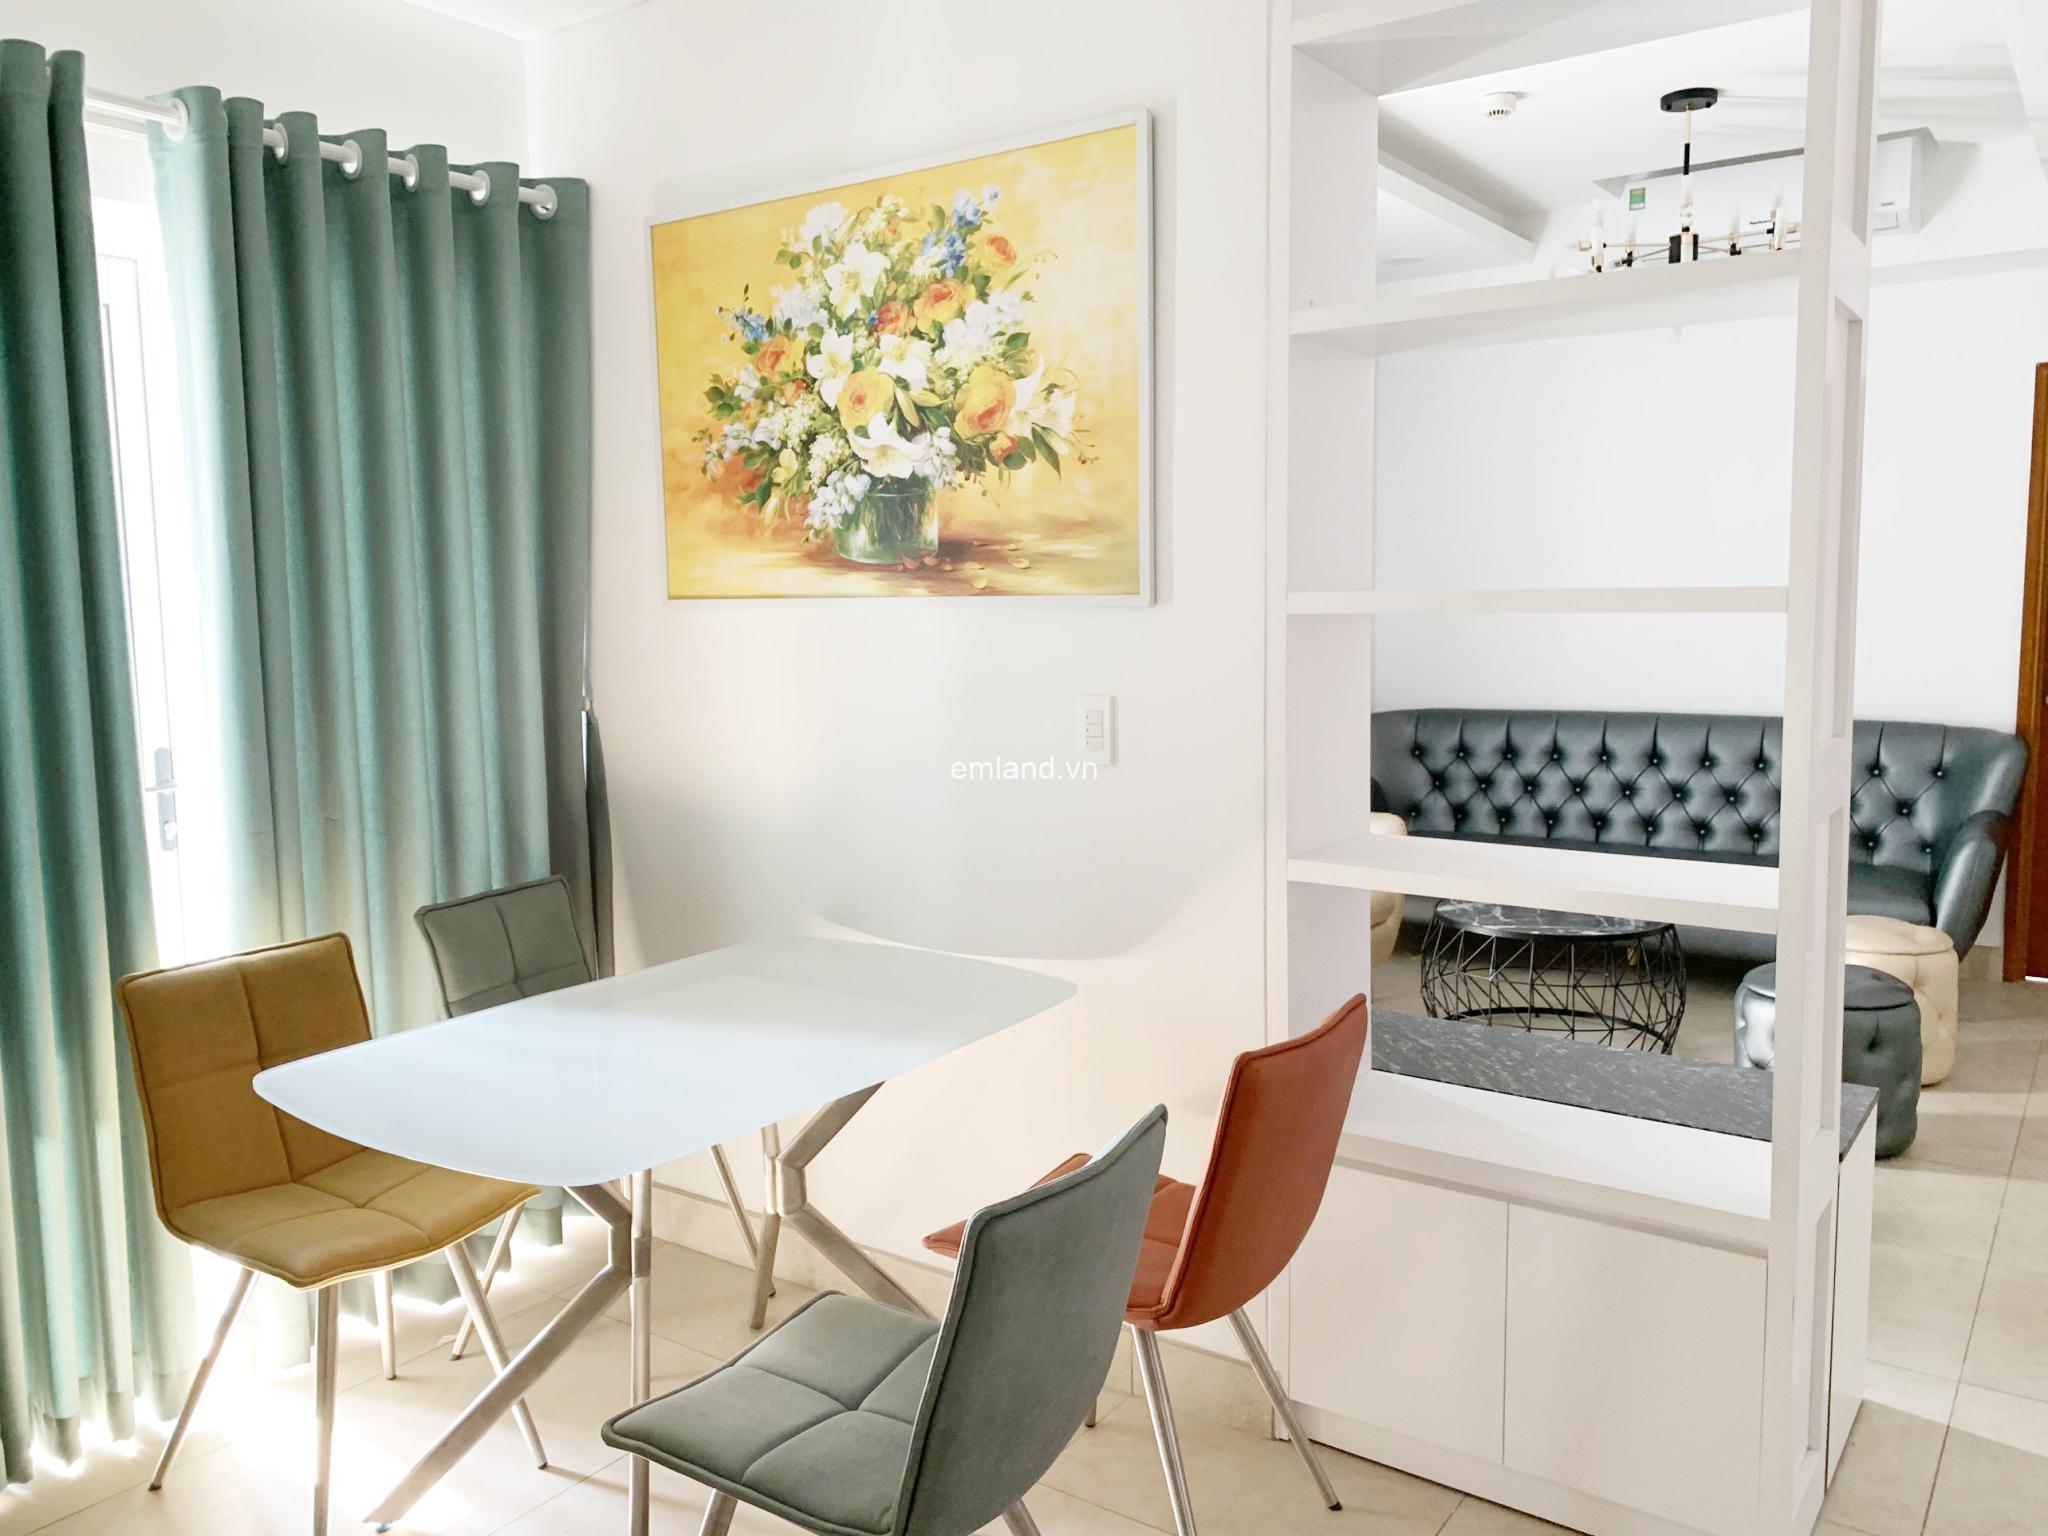 Cho thuê căn hộ Indochina , Giá thương lượng. Hotline 0905.366.661 – 0905.366.665